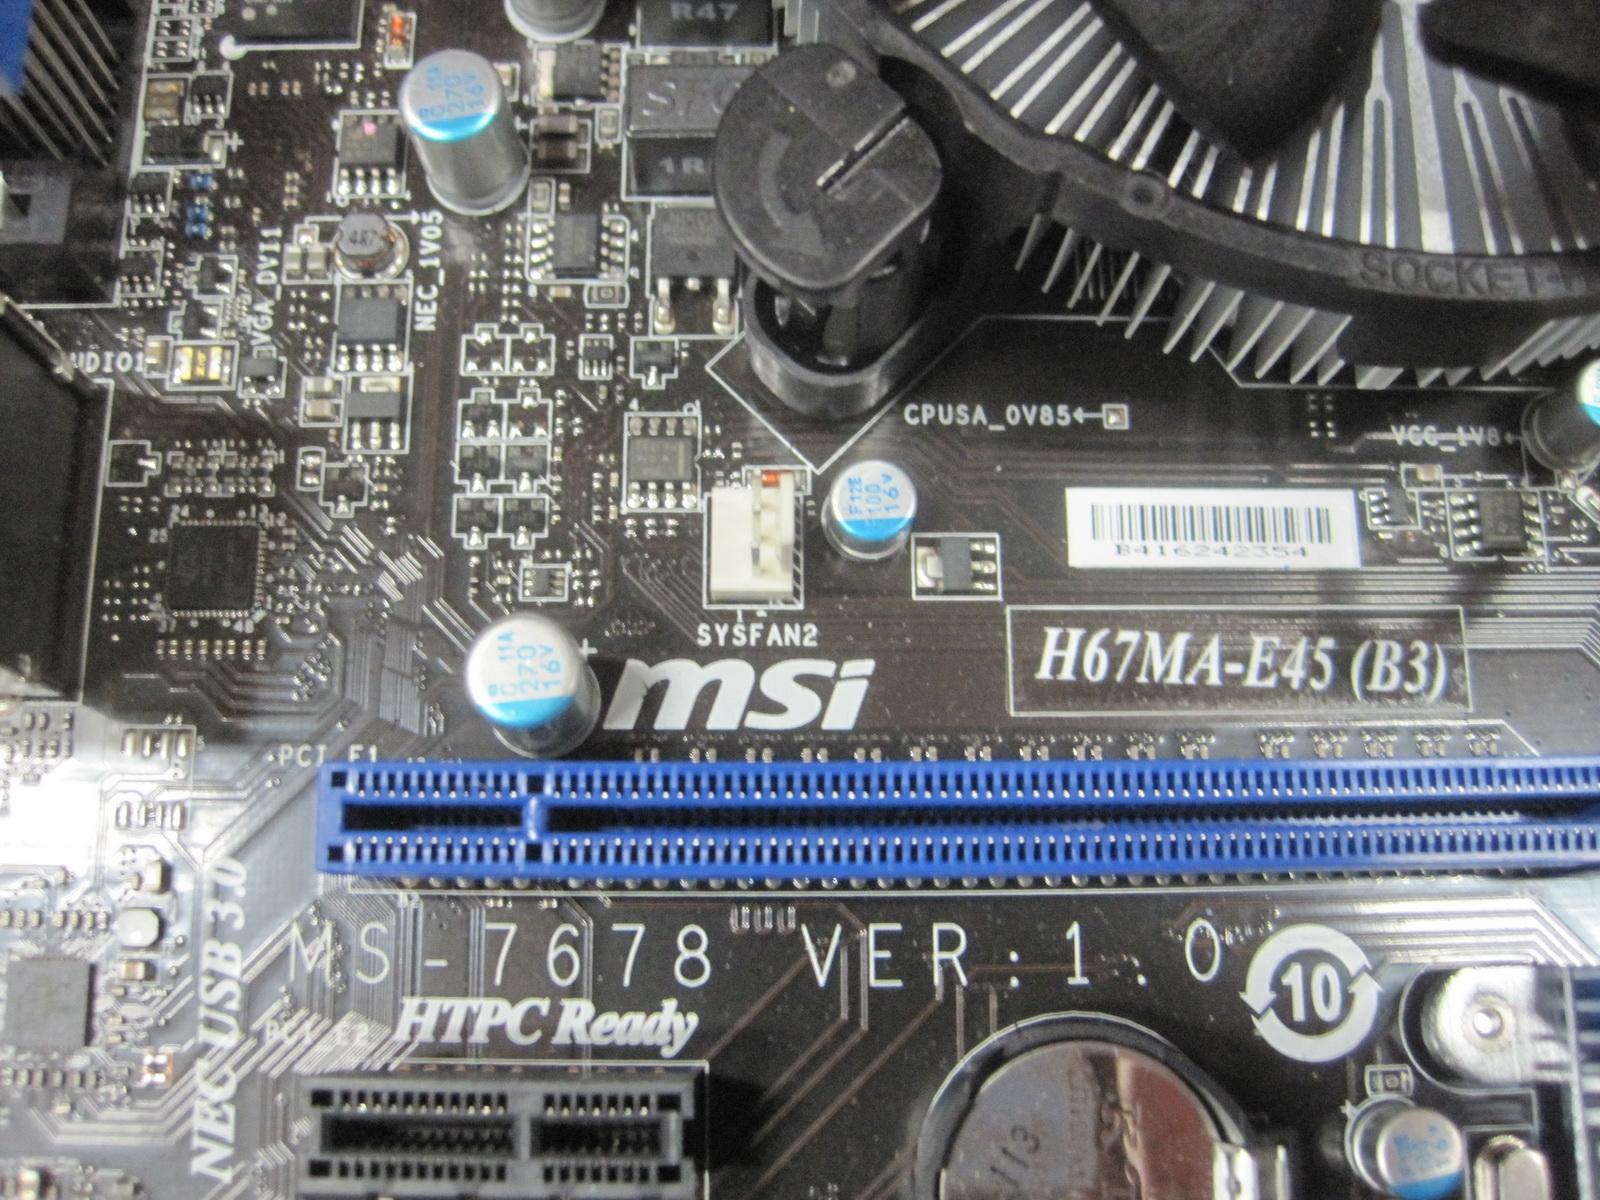 msi h67ma e45 b3 manual